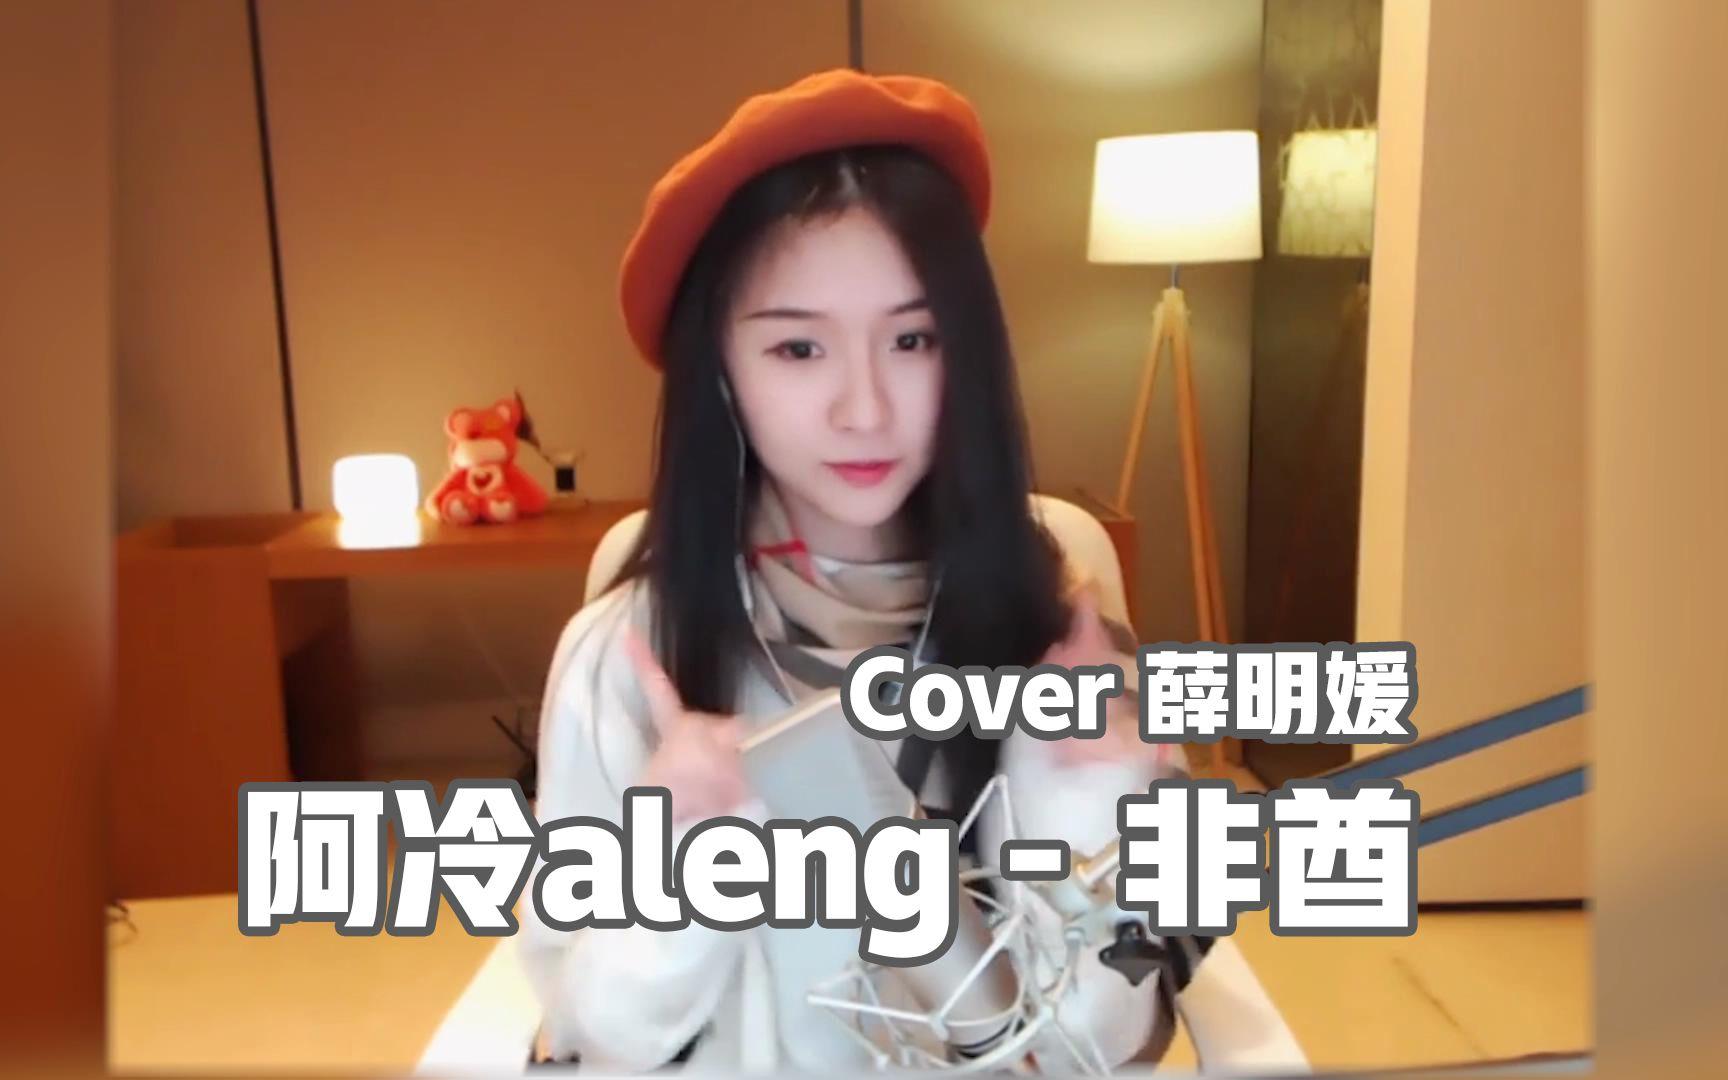 阿冷aleng 翻唱 薛明媛的小清新歌曲《非酋》我知道有